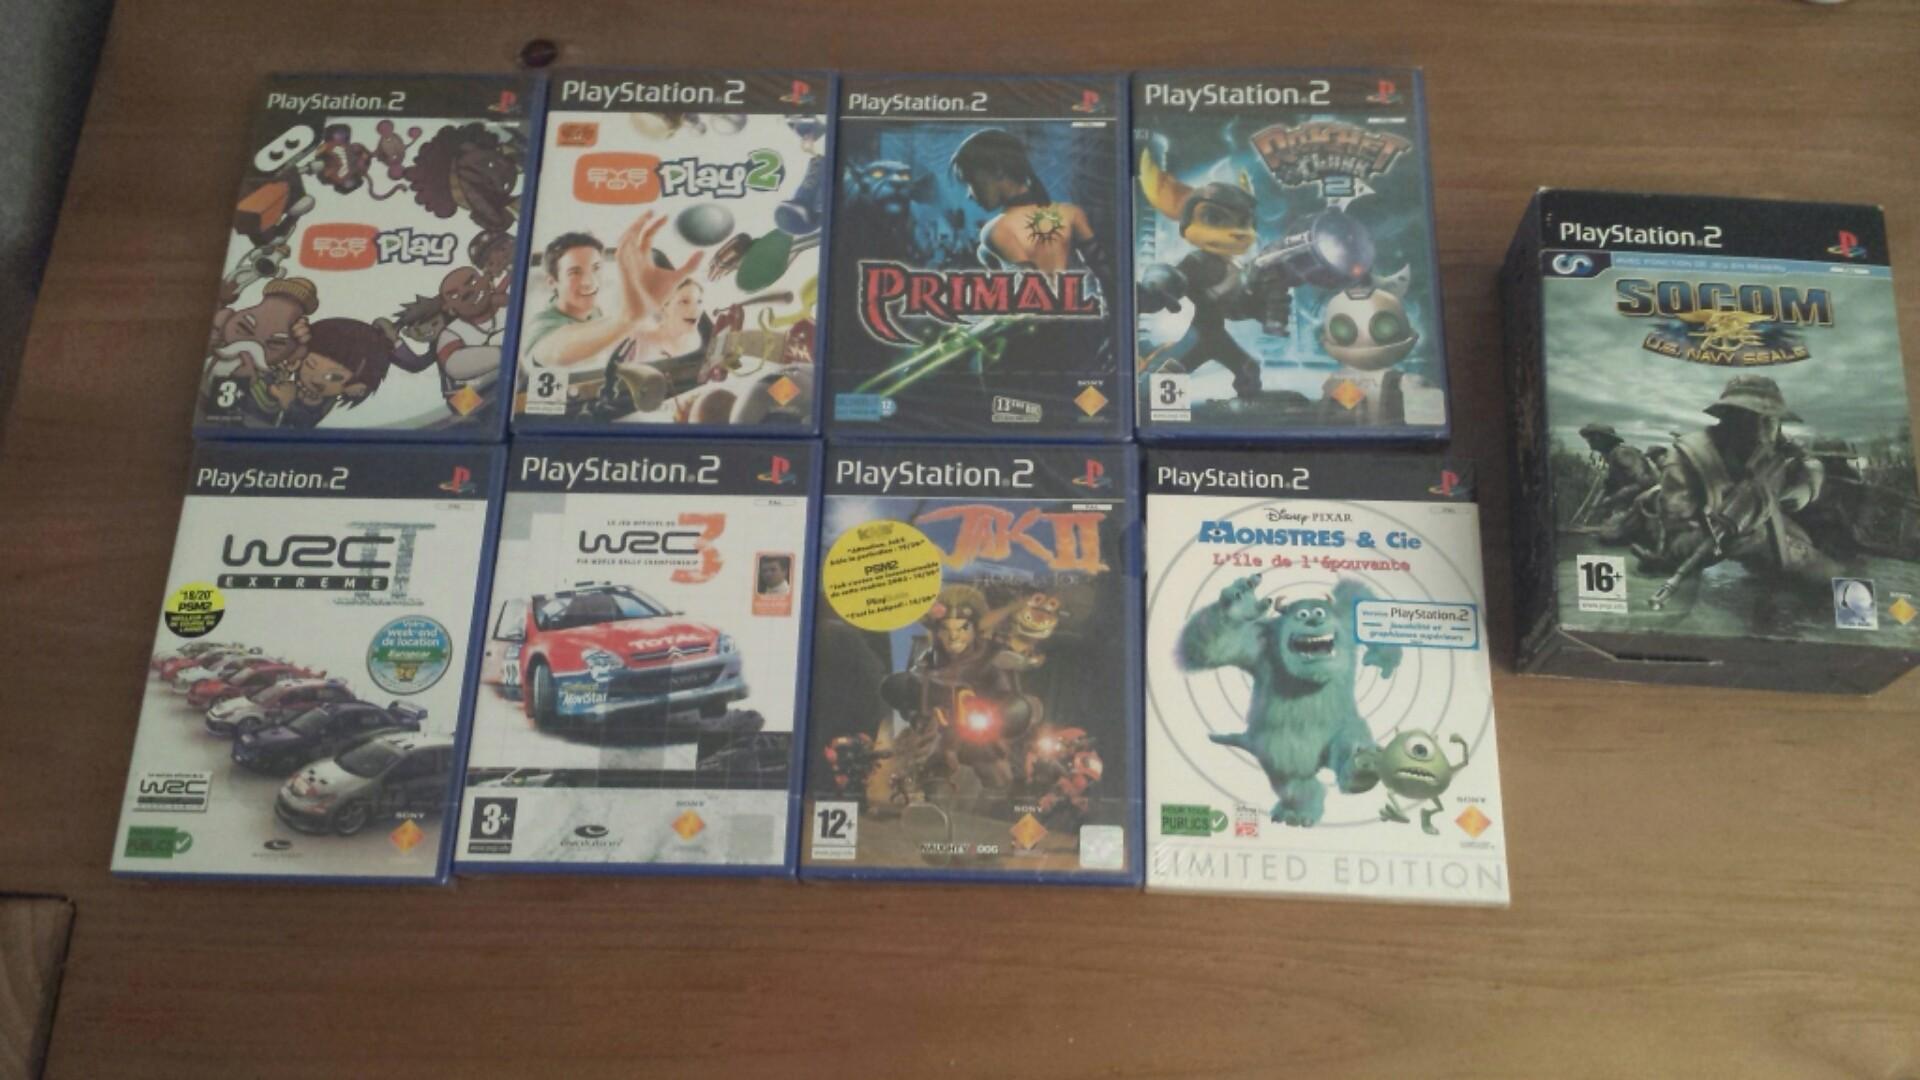 Vente - nombreux jeux PS2 format promo & jeux neufs sous blister 20180522